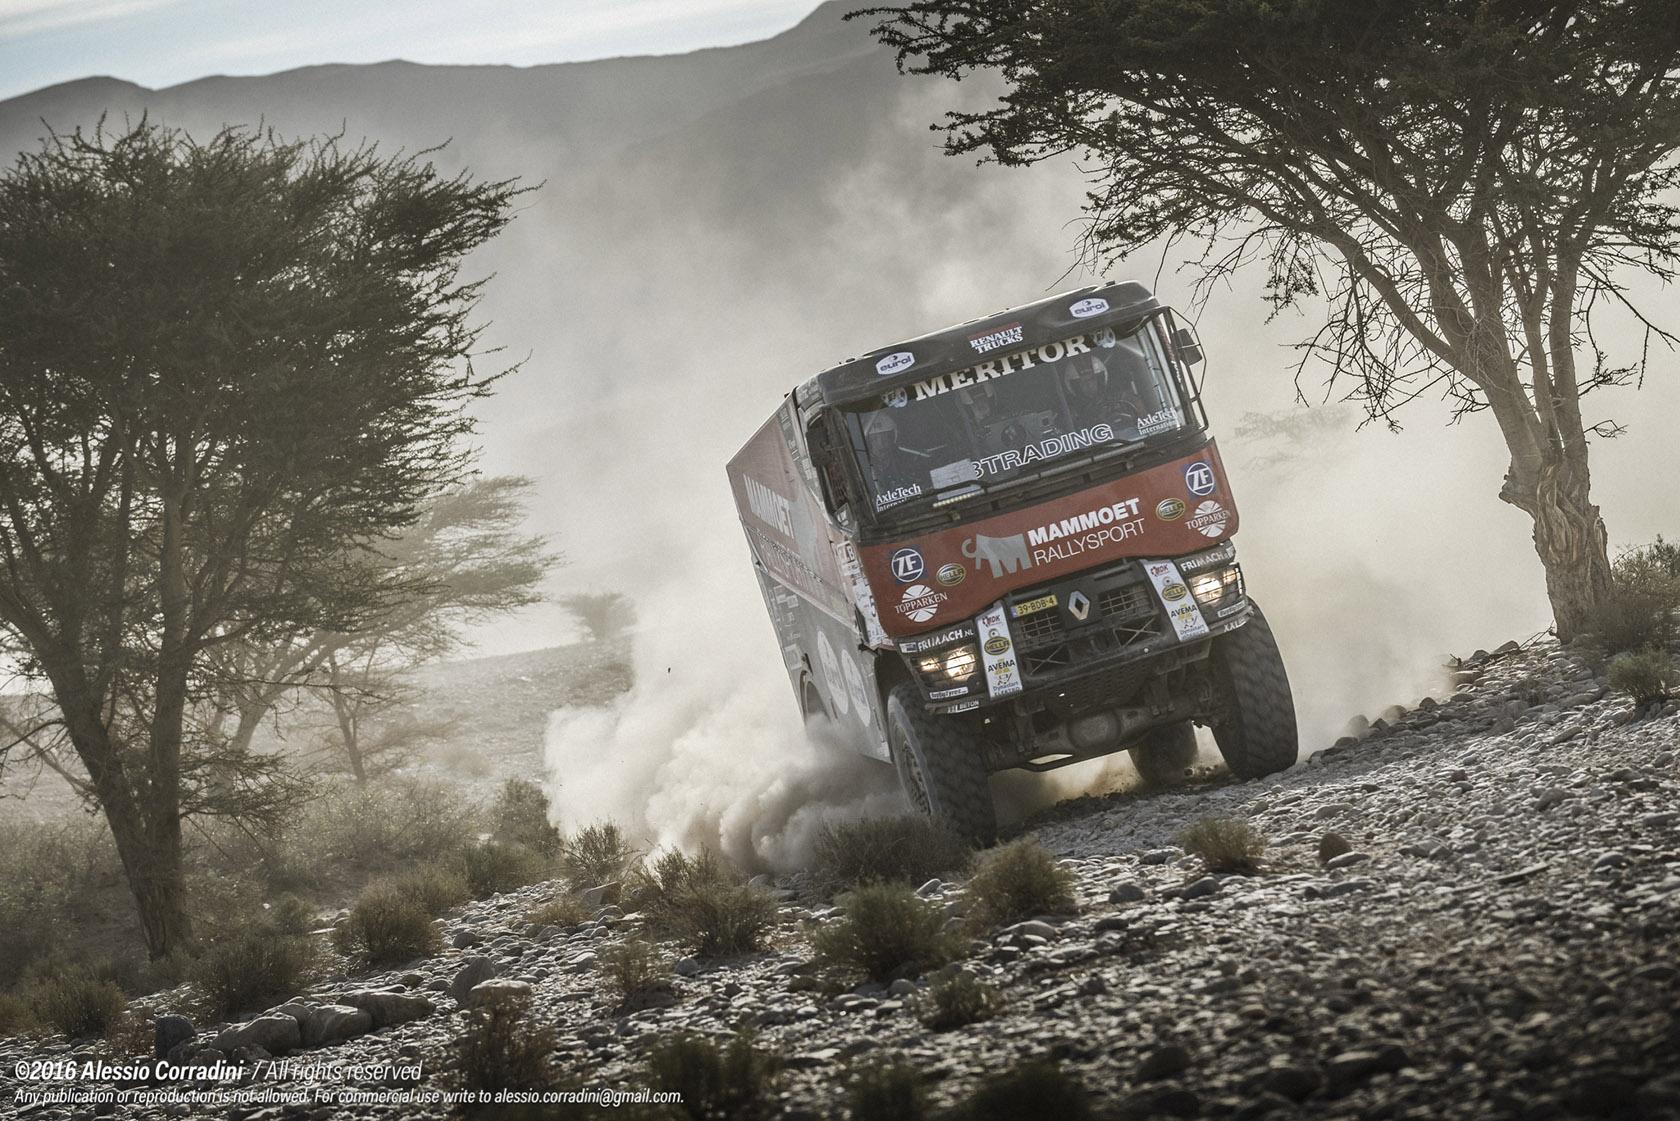 Mammoet Rallysport worstelt vooral met waypoints